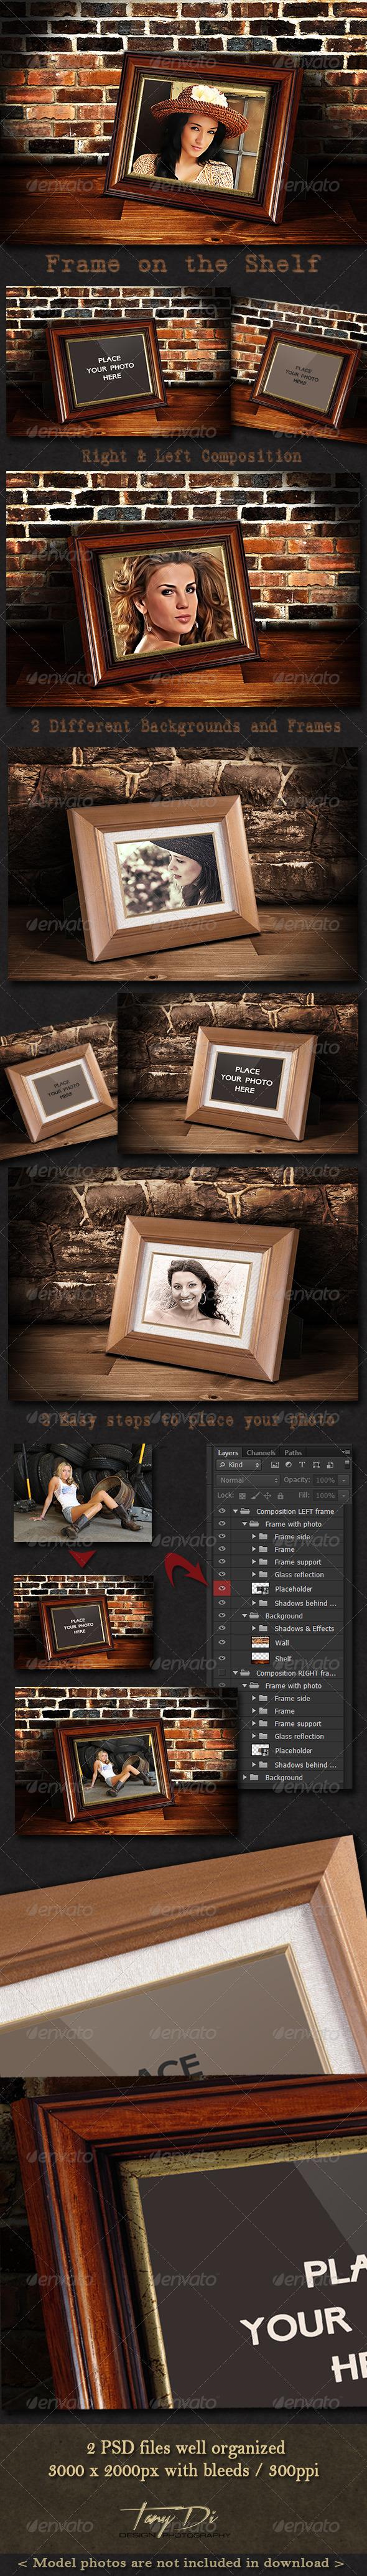 GraphicRiver Photo Frame on the Shelf 3894363